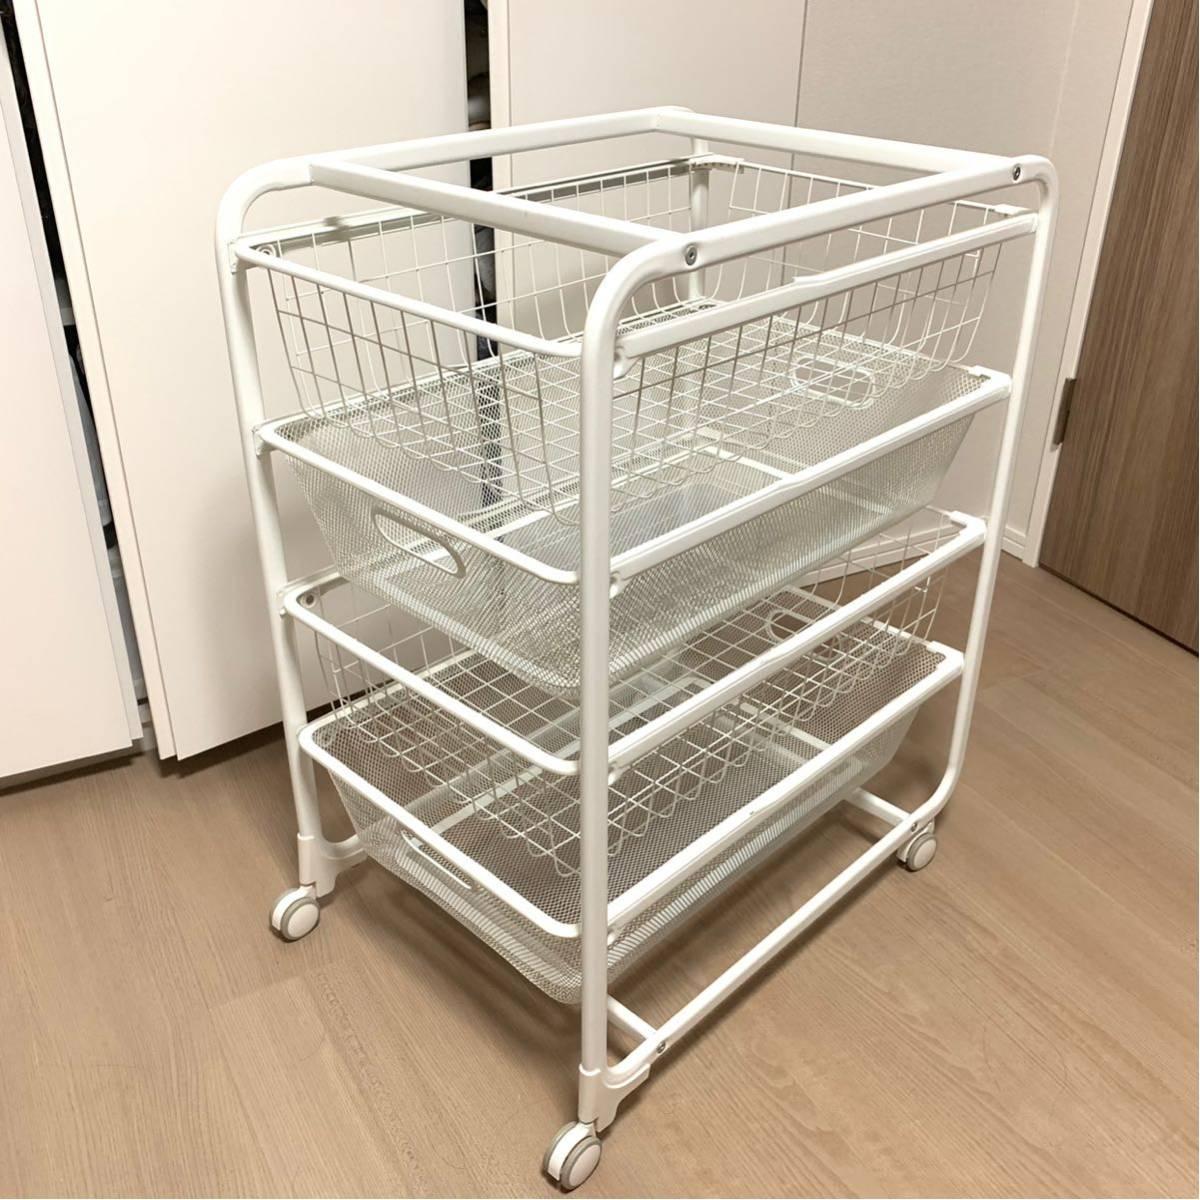 IKEA ALGOT アルゴート フレーム ワイヤーバスケット 2個 メッシュバスケット 2個 キャスター クローゼット収納/押入れ収納/イケア 白